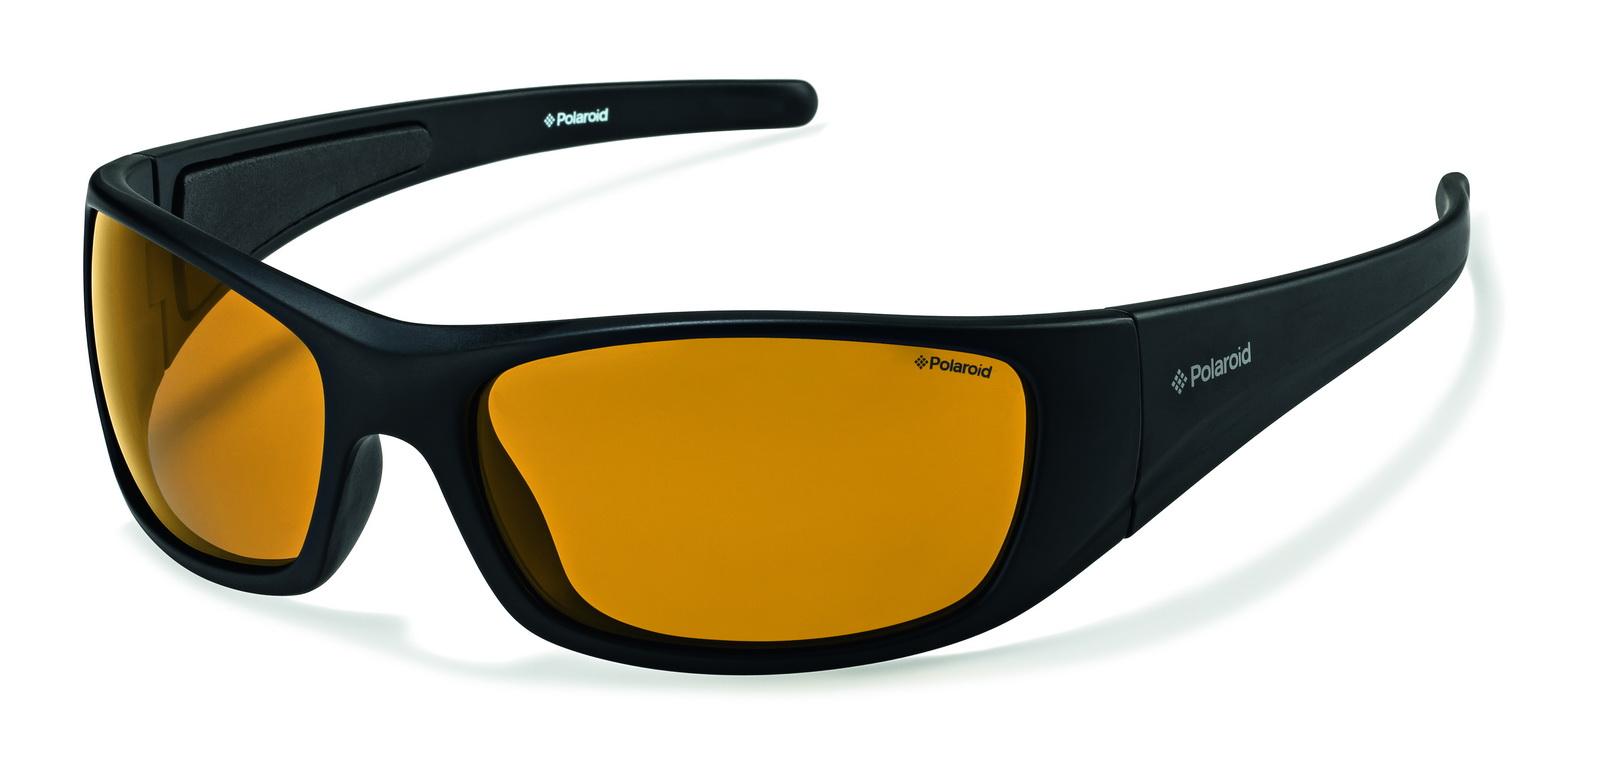 Очки поляризационные Polaroid, цвет: черный, желтый. P7420CINT-06501Поляризационные солнцезащитные очки Polaroid обеспечивают видение без бликов, 100%-ую защиту от ультрафиолетового излучения, естественные цвета, чистые контрасты и снижение усталости глаз. Все линзы обладают ударопрочными свойствами и стойкостью к царапинам для защиты Ваших глаз. Очки Polaroid - лучшие солнцезащитные очки с поляризационными линзами по доступным ценам.